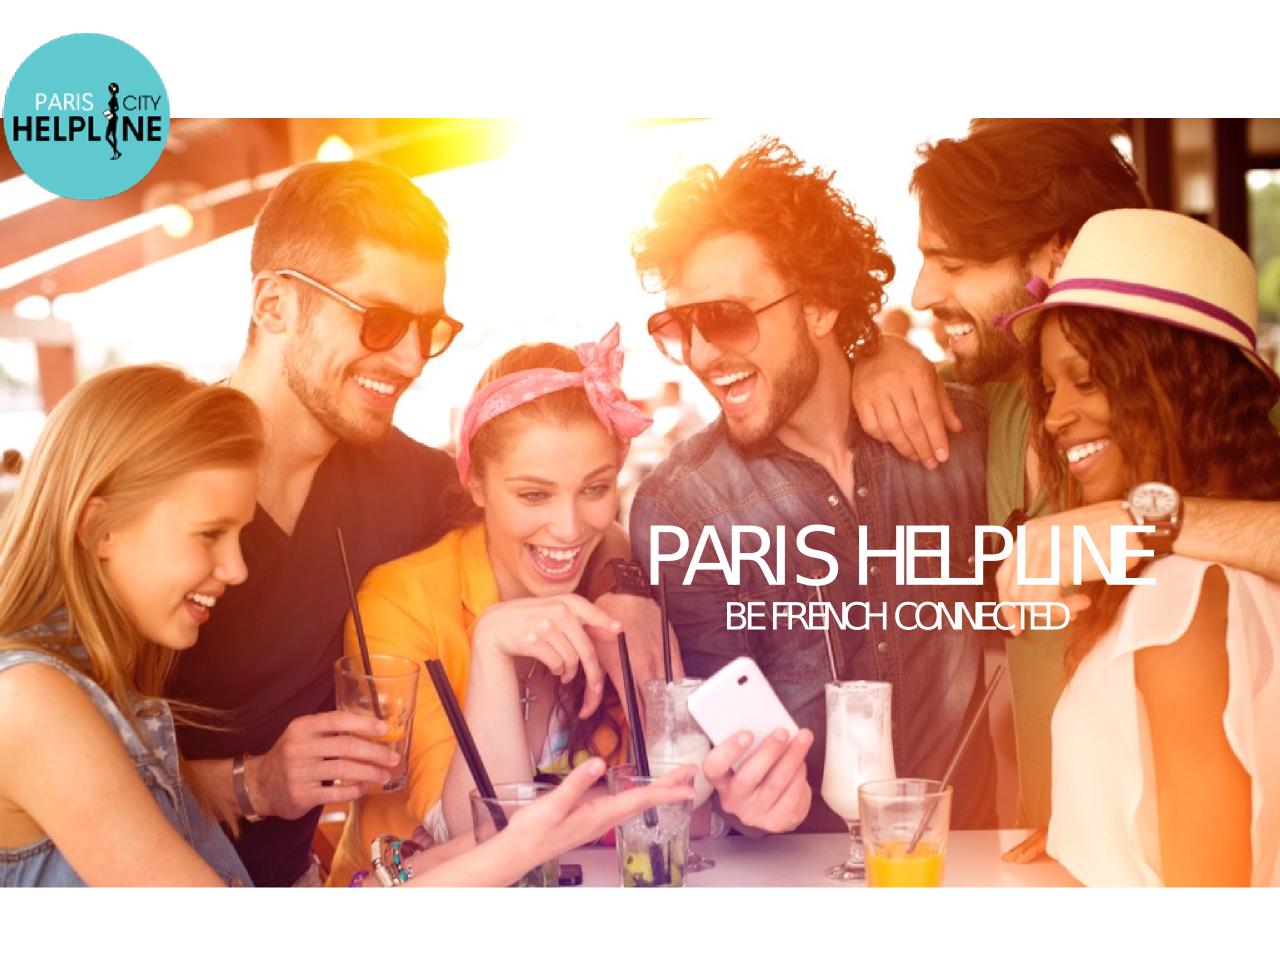 Paris Helpline Flyer - 3